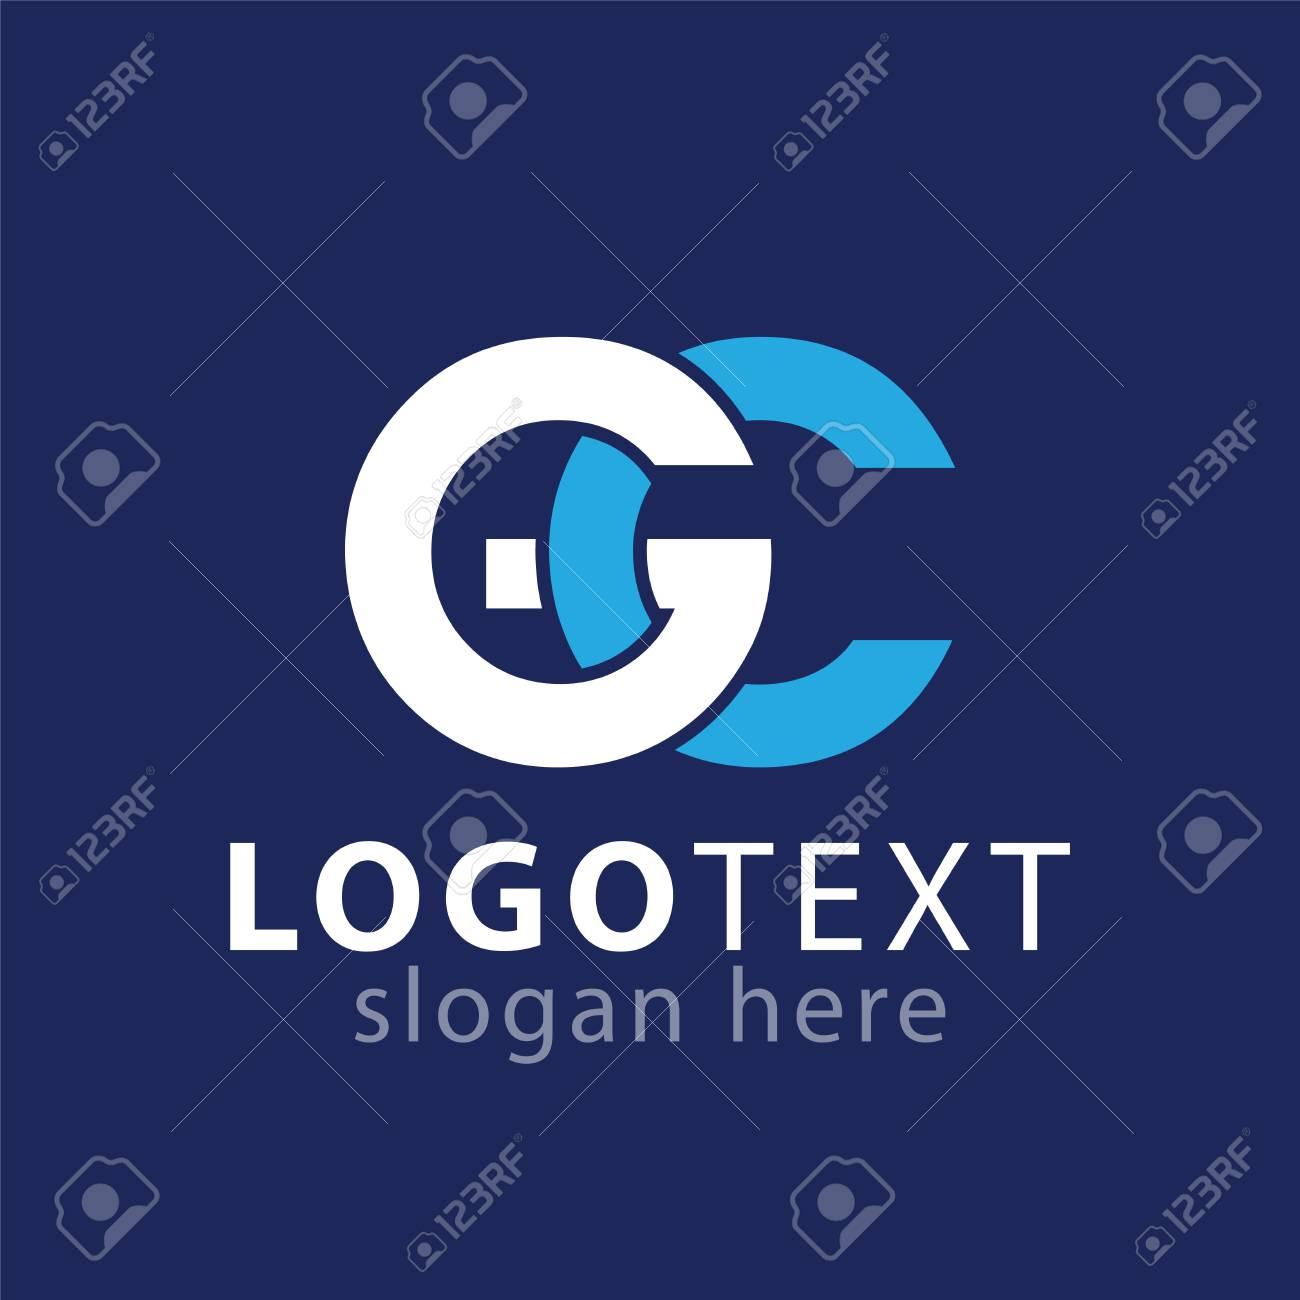 G C Initial letter logo vector - 107321803